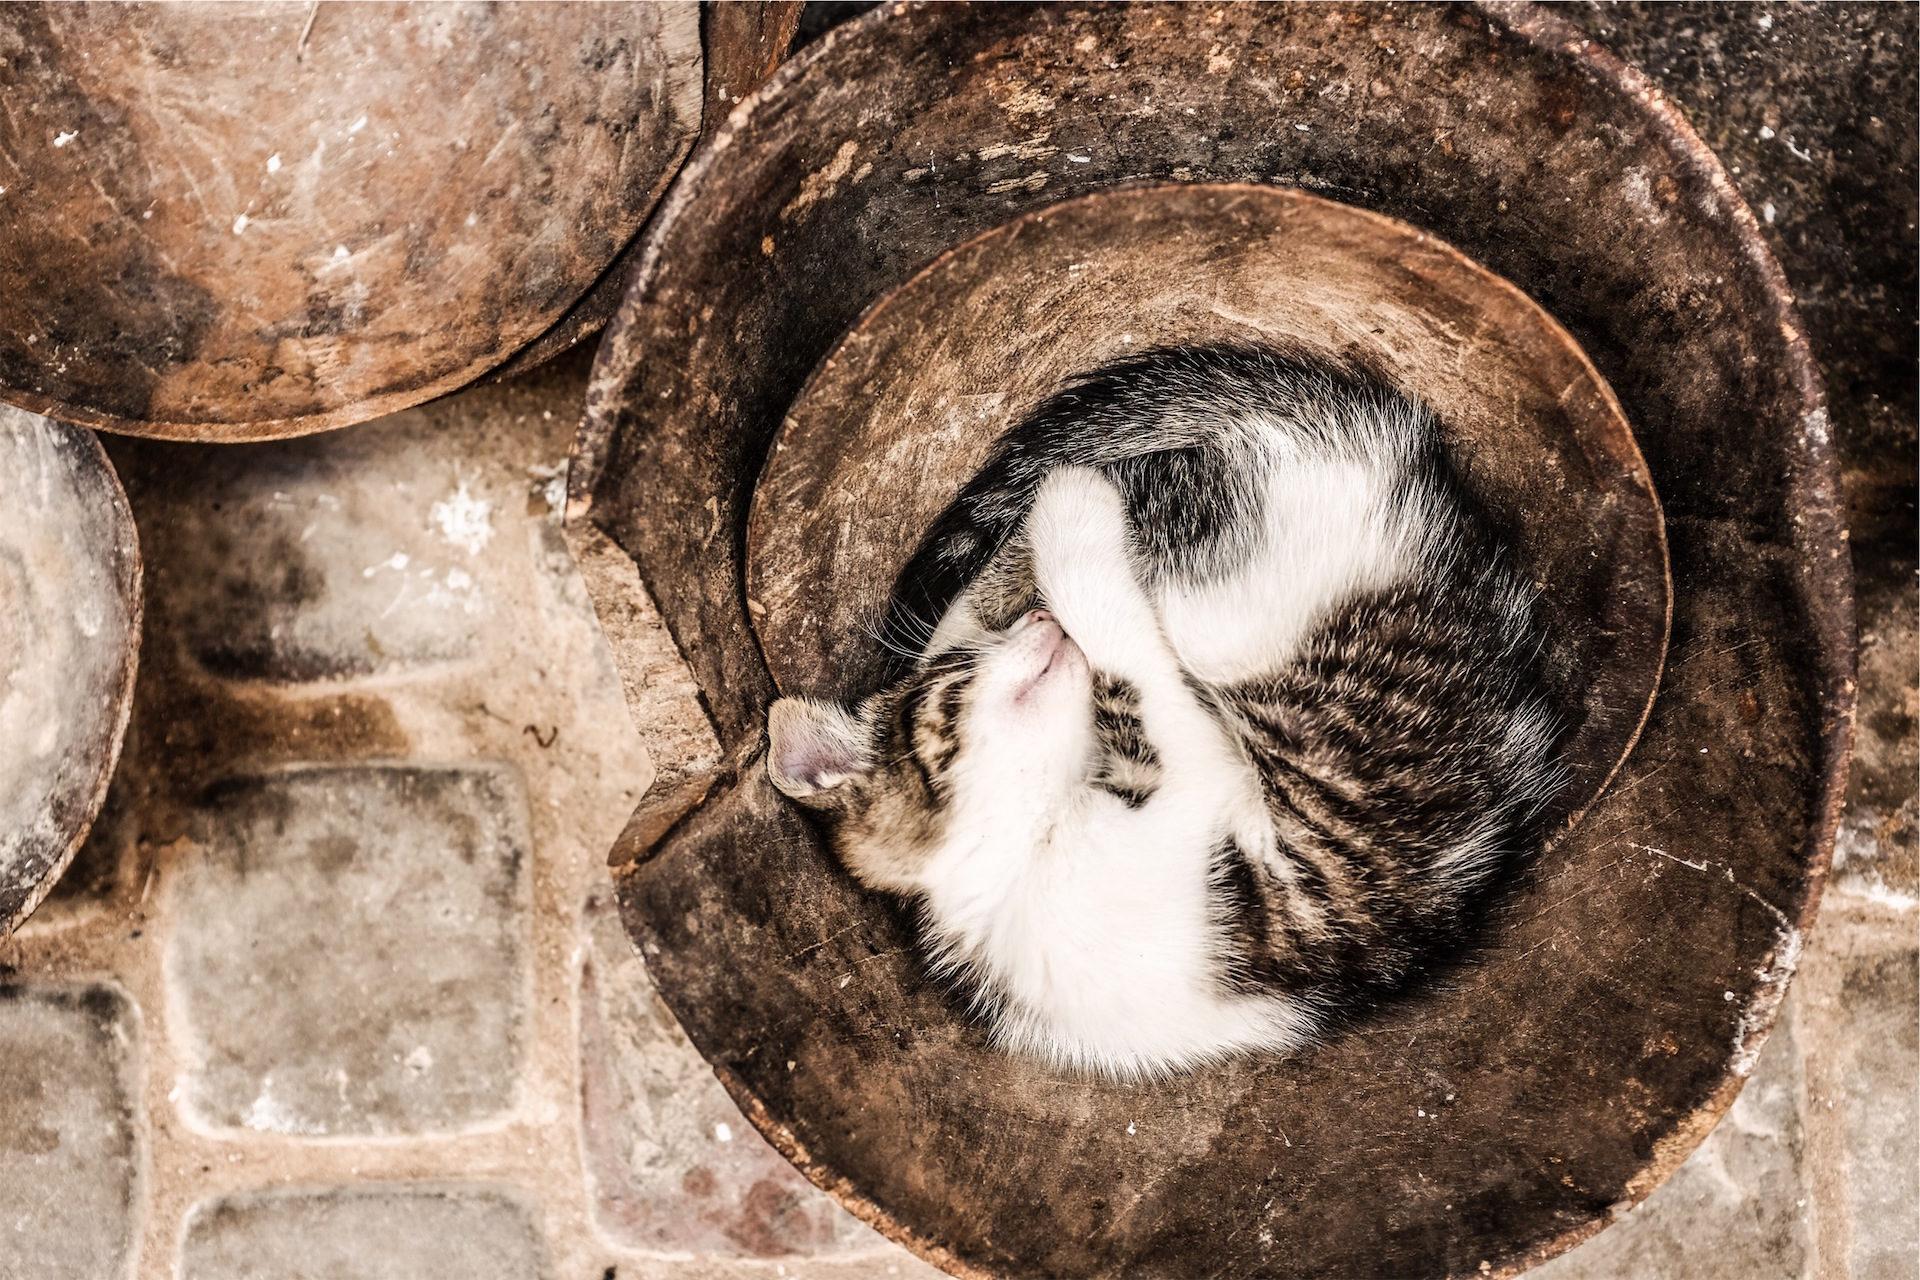 gato, dormir, mascota, vasija, monada - Fondos de Pantalla HD - professor-falken.com